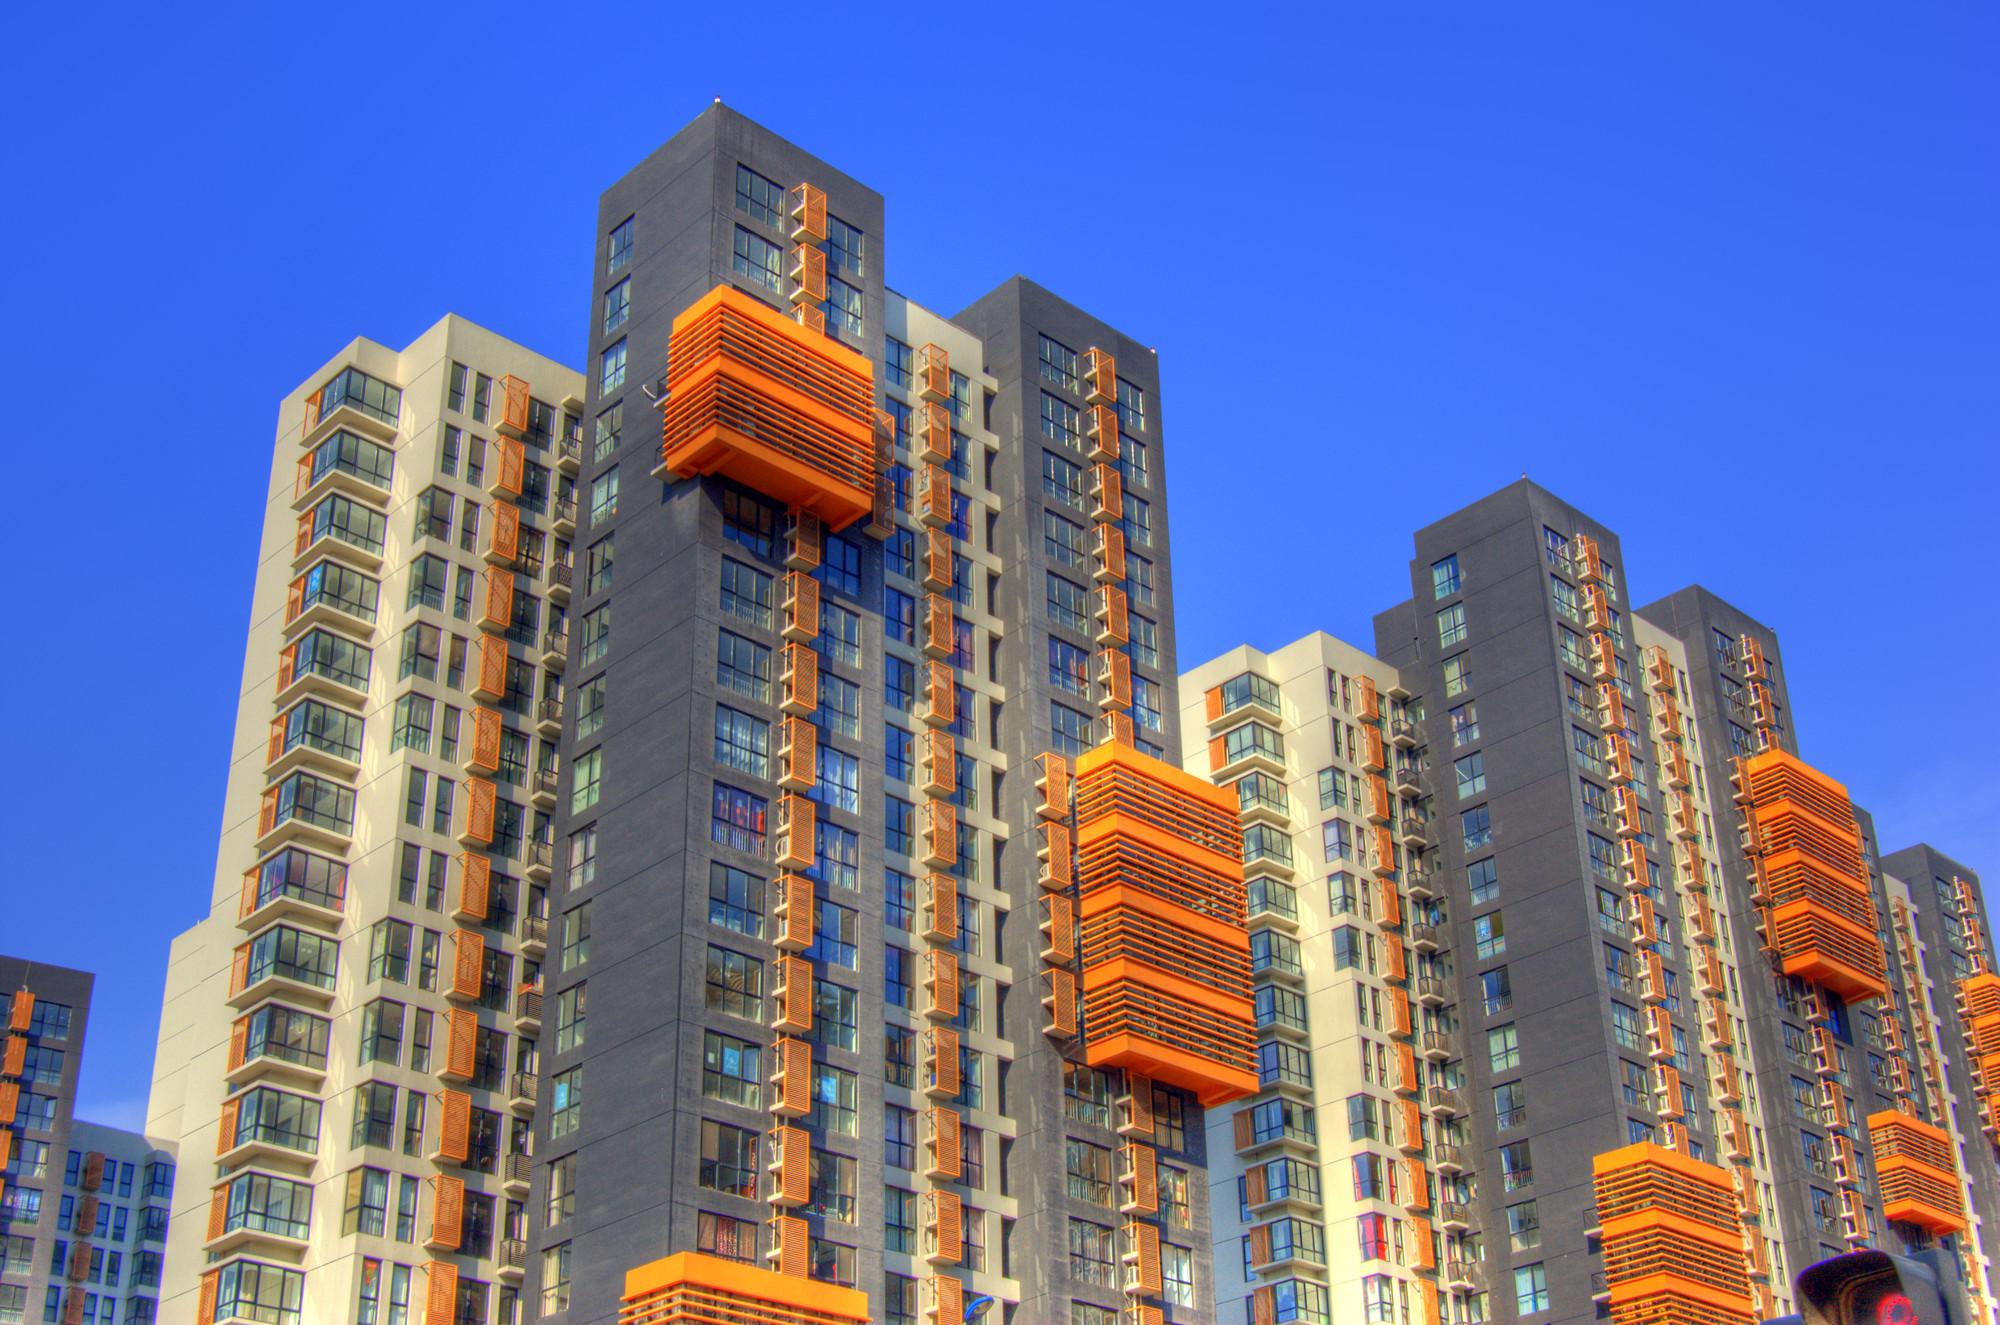 Desarrollo inmobiliario en Tianjin, China. Image © Jakob Montrasio [Flickr CC]